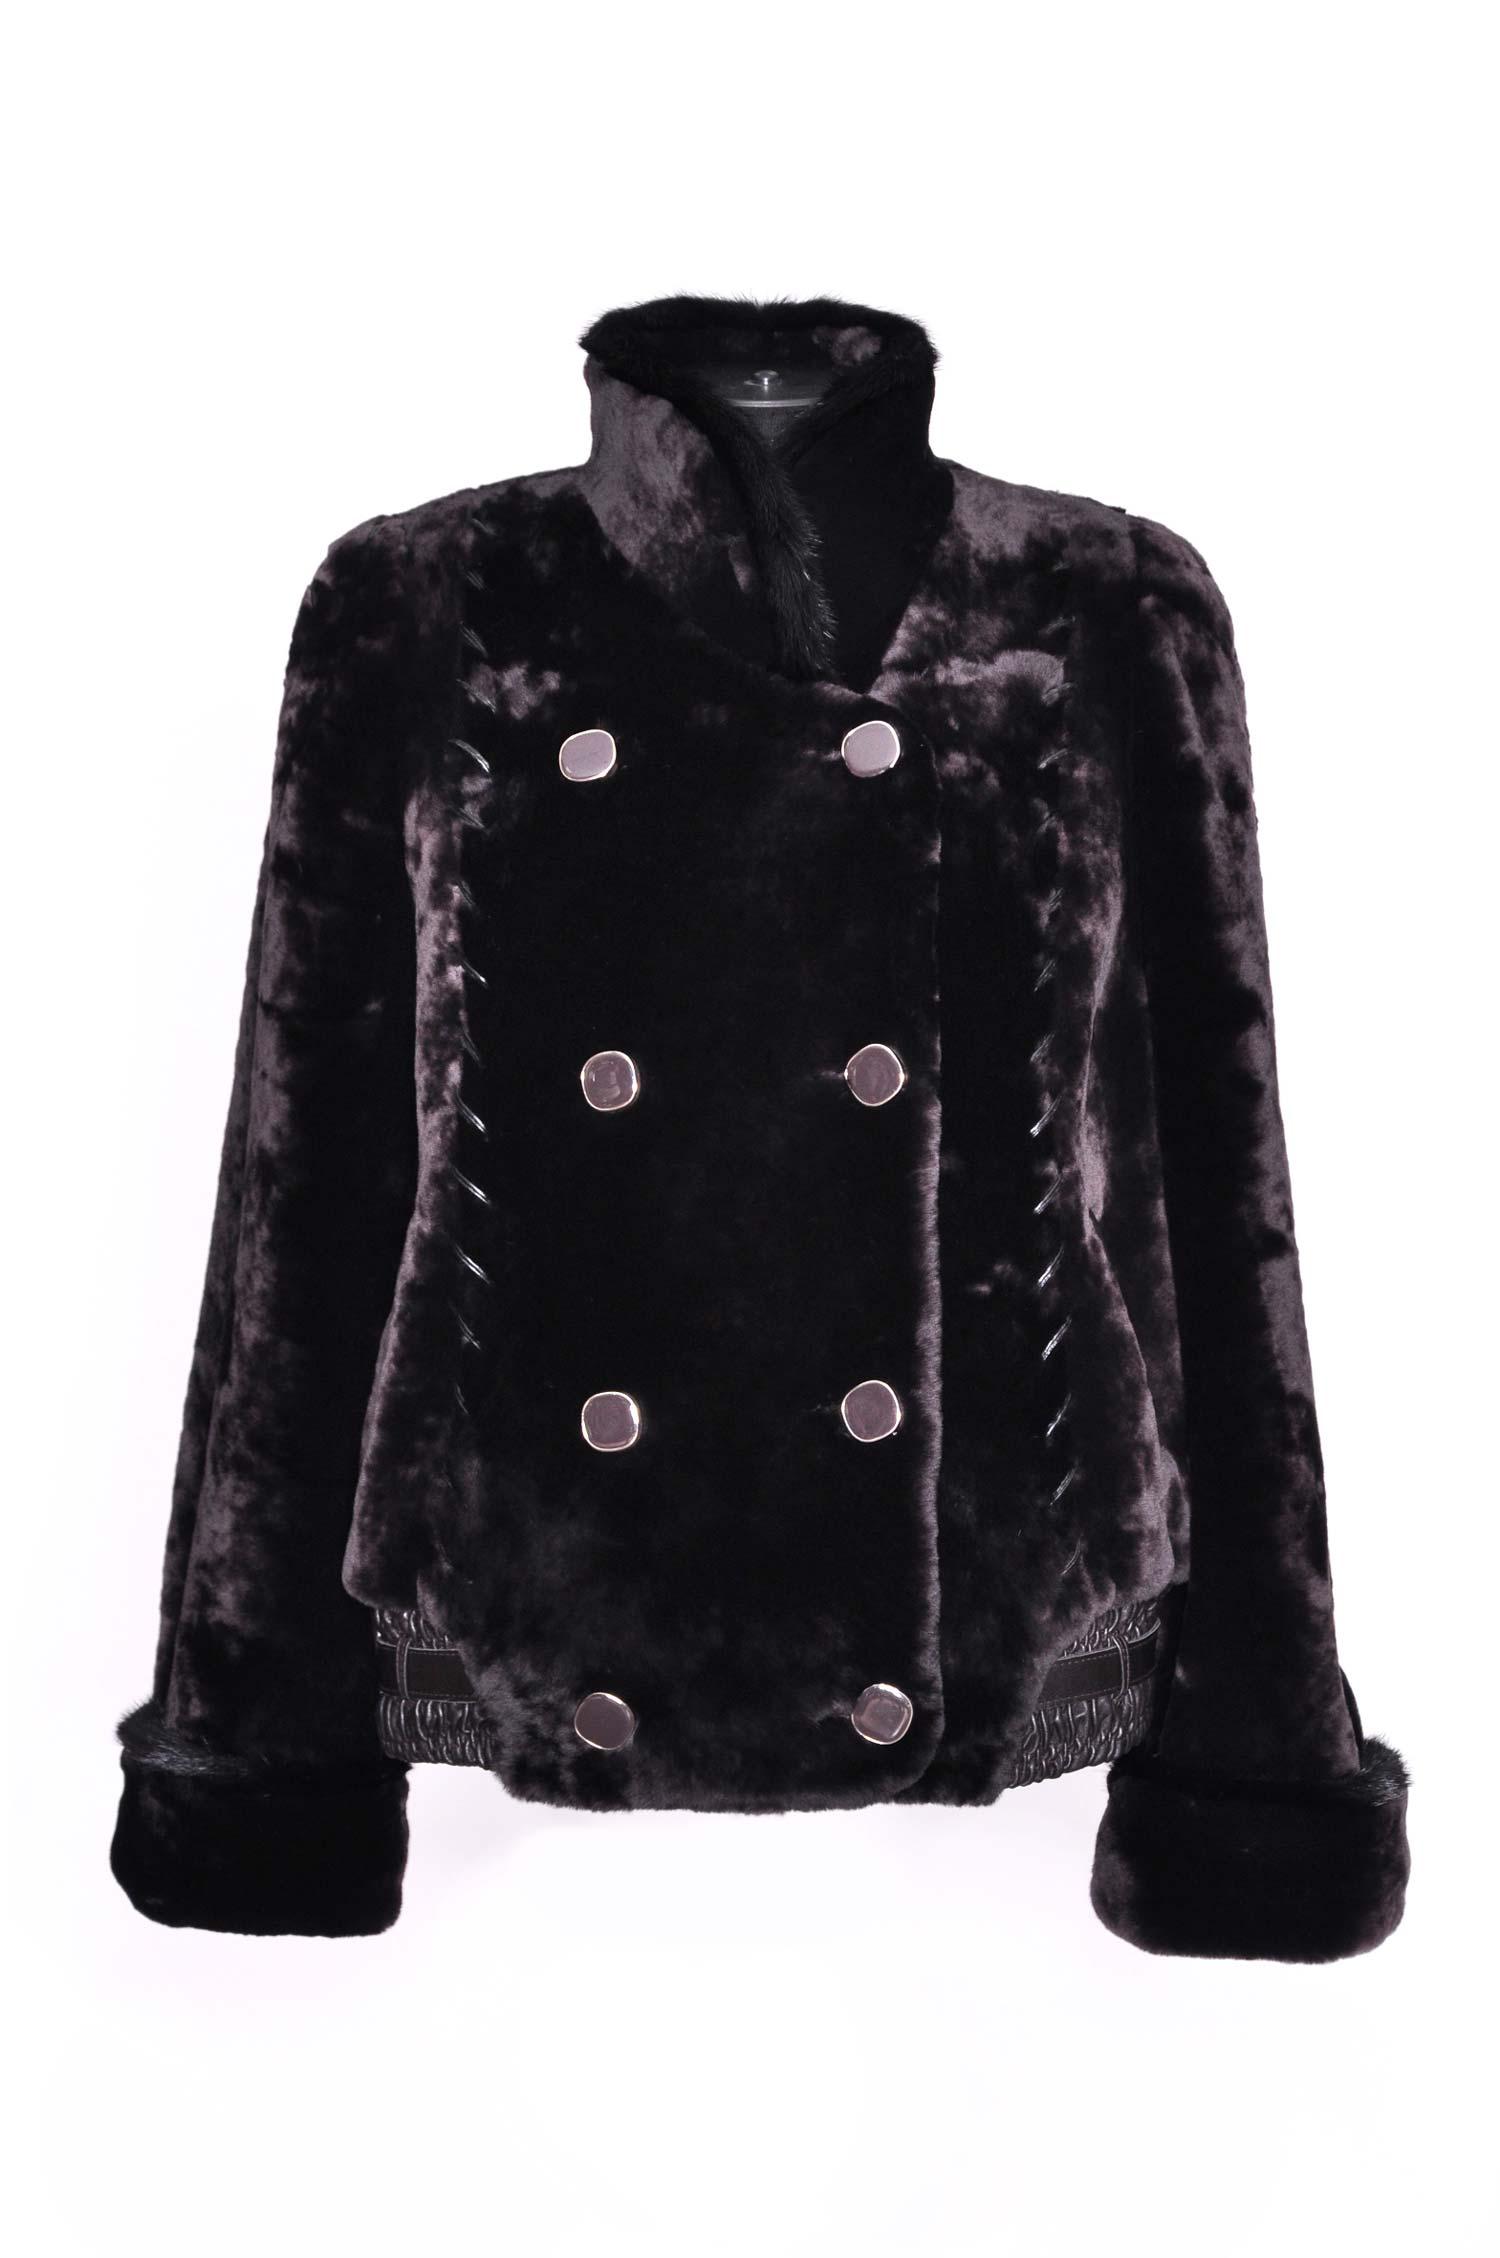 Куртка из мутона с воротником, отделка норкаОригинальная модельная куртка из мутона с воротником-стойкой, отделка норка. Женственная модель со множеством деталей несомненно привлечет внимание окружающих. По всей длине с двух сторон проходят кожаные вставки, резинка по низу изделия украшена декоративным пояском. Изящные расклешенные рукава украшены роскошным мехом норки, а эффектный воротник-стойка не только создает неповторимый элегантный образ, но и согревает в самый сильный мороз.<br><br>Воротник: Стойка<br>Длина см: 75<br>Цвет: Коричневый<br>Вид застежки: Норка<br>Пол: Женский